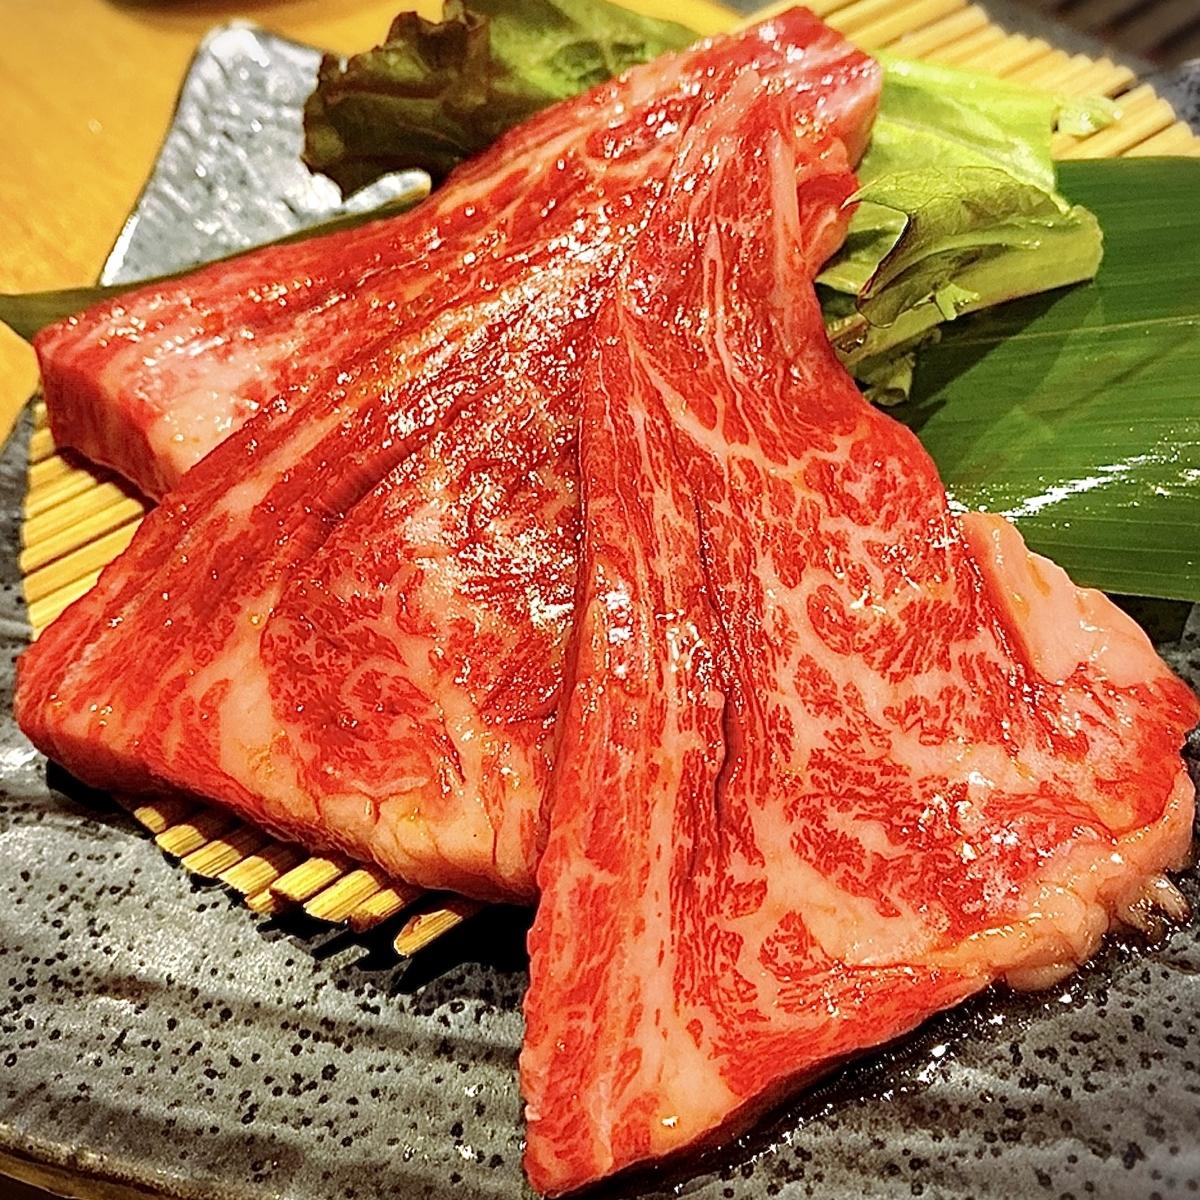 【東中野】ホルモン好きにおすすめしたい!素材にこだわった焼肉屋